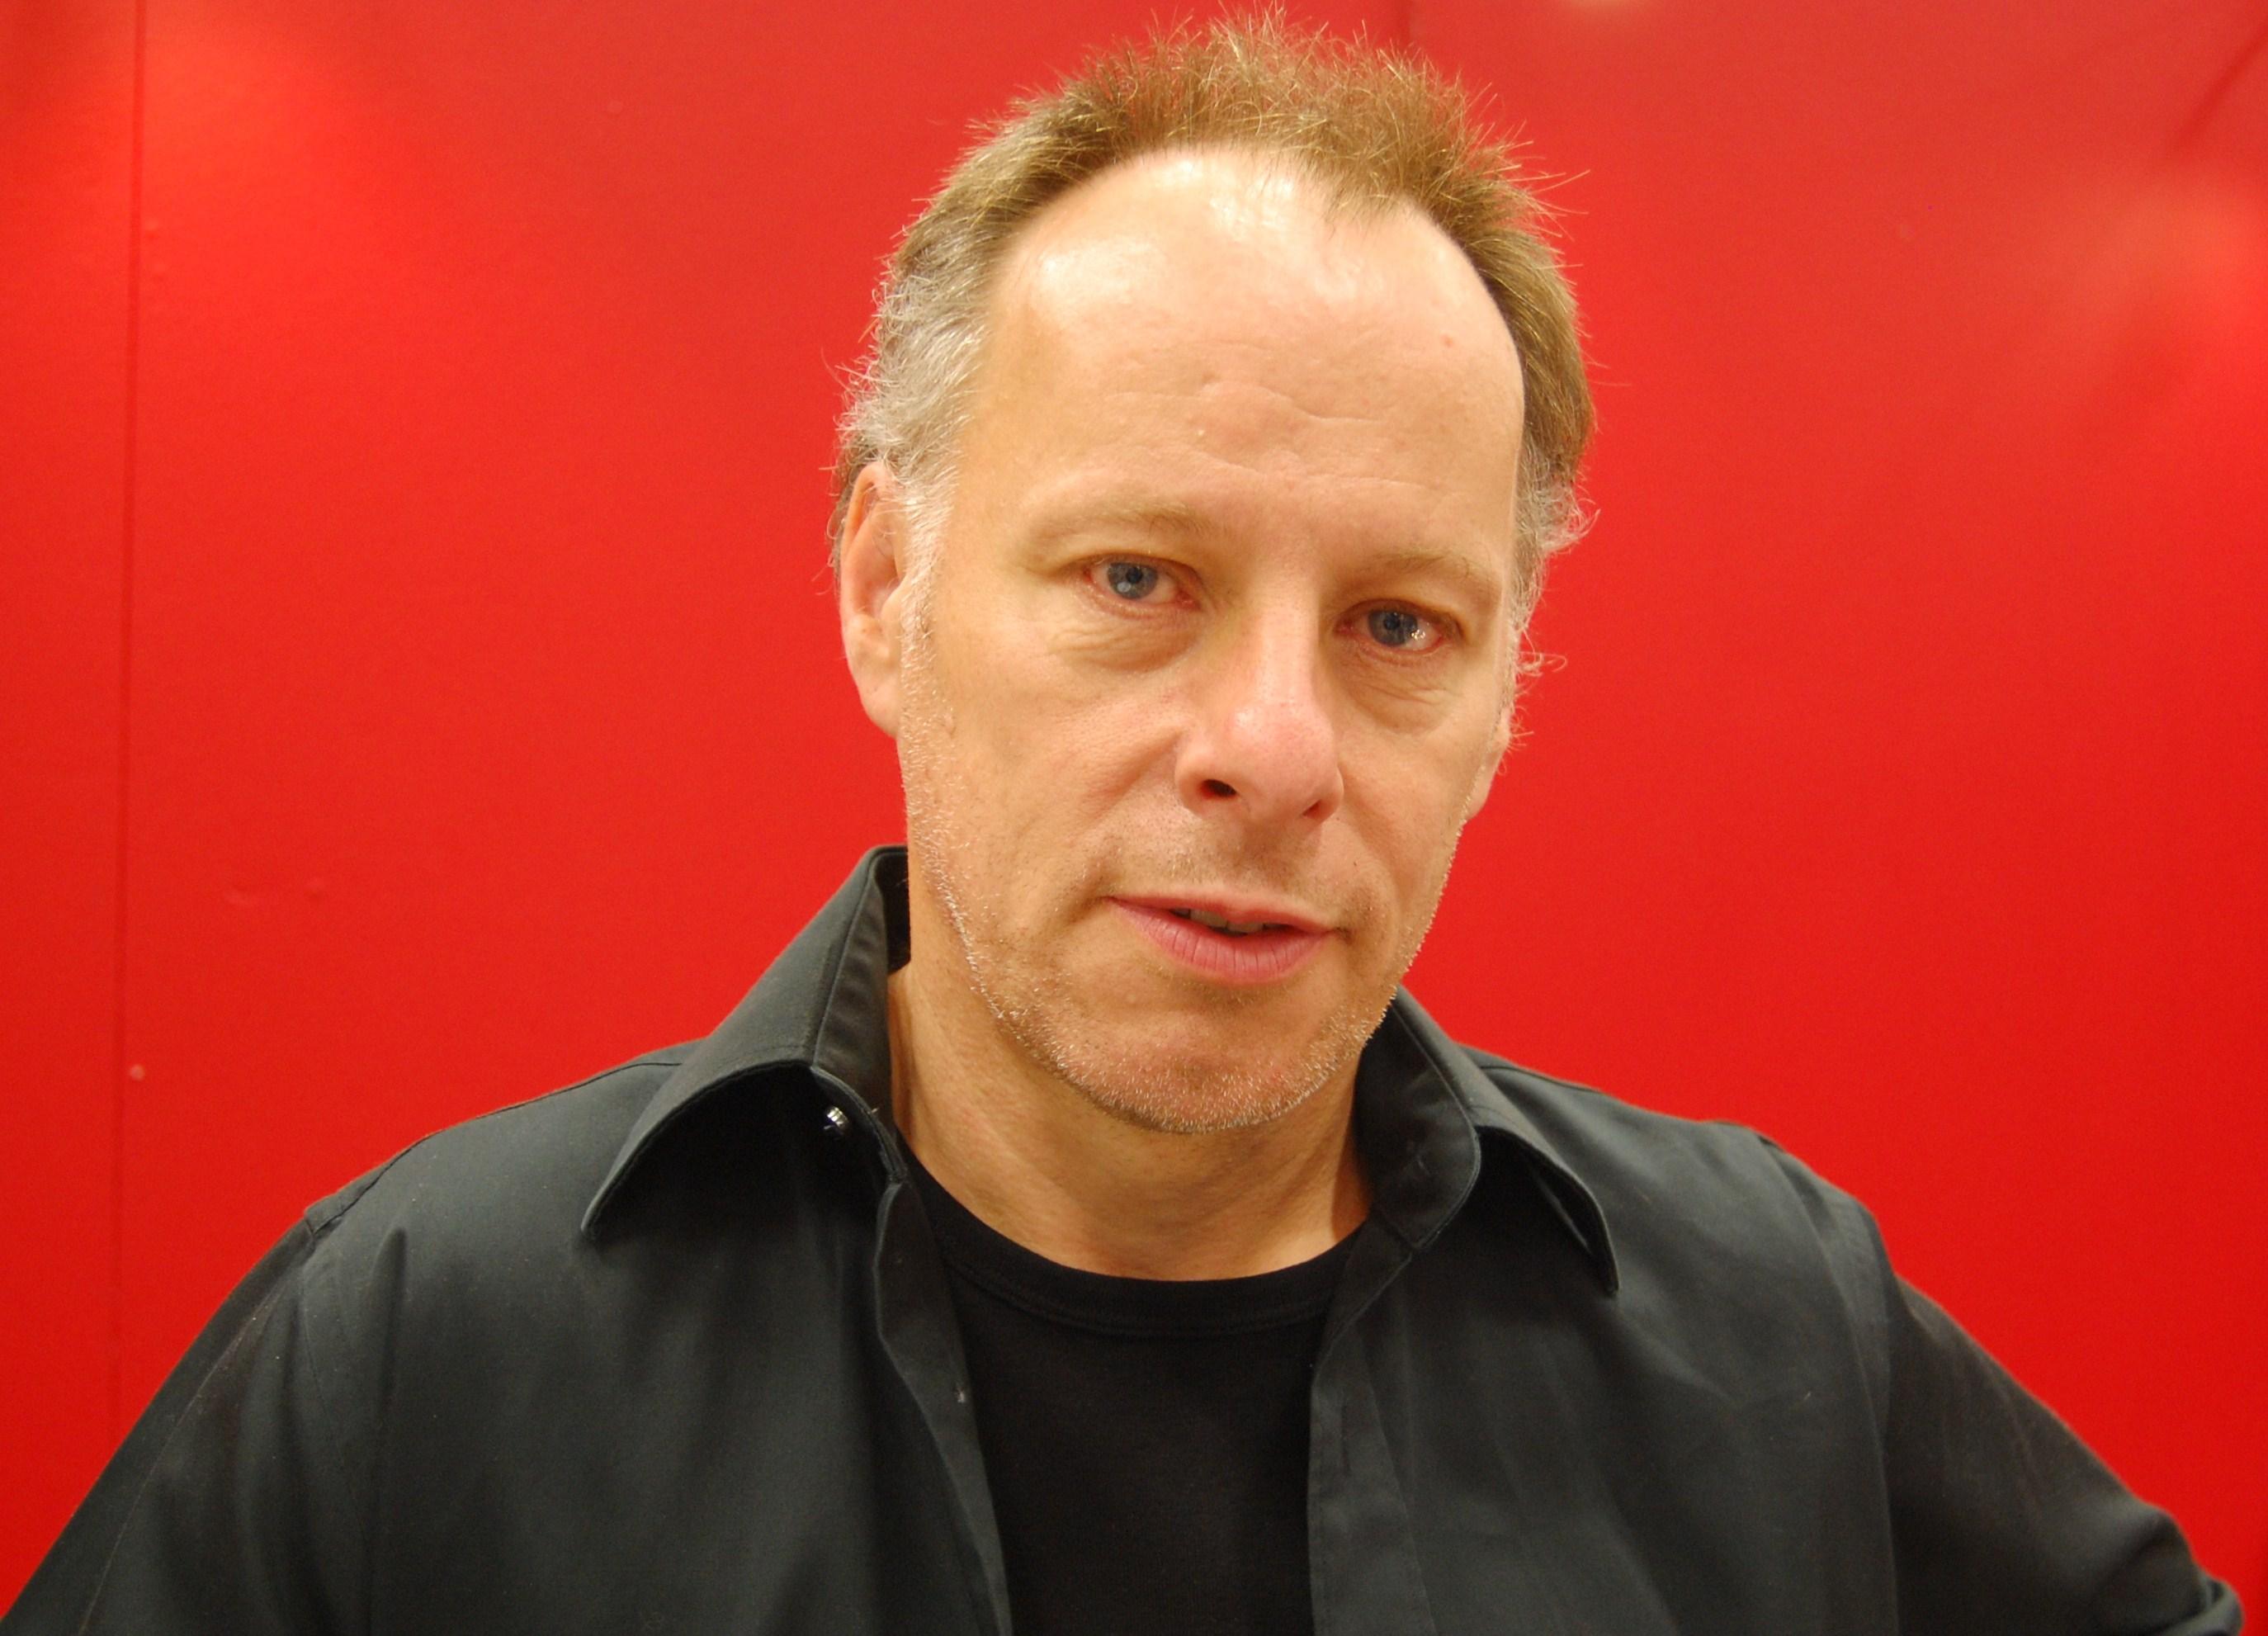 Johan_Ehrenberg